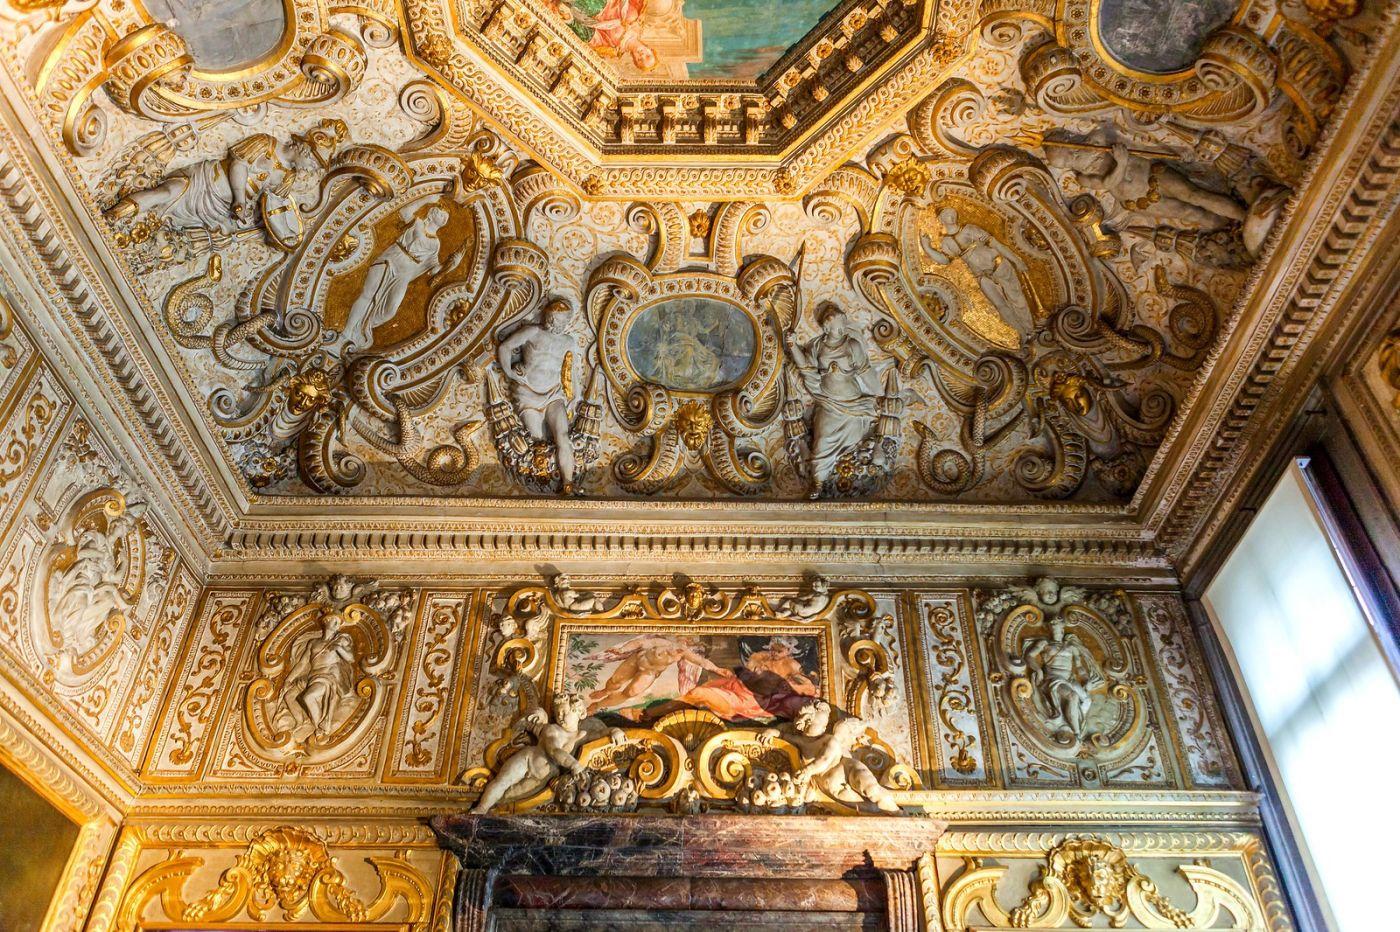 威尼斯圣马可大教堂(St Mark's Basilica), 精雕细琢的顶设_图1-40